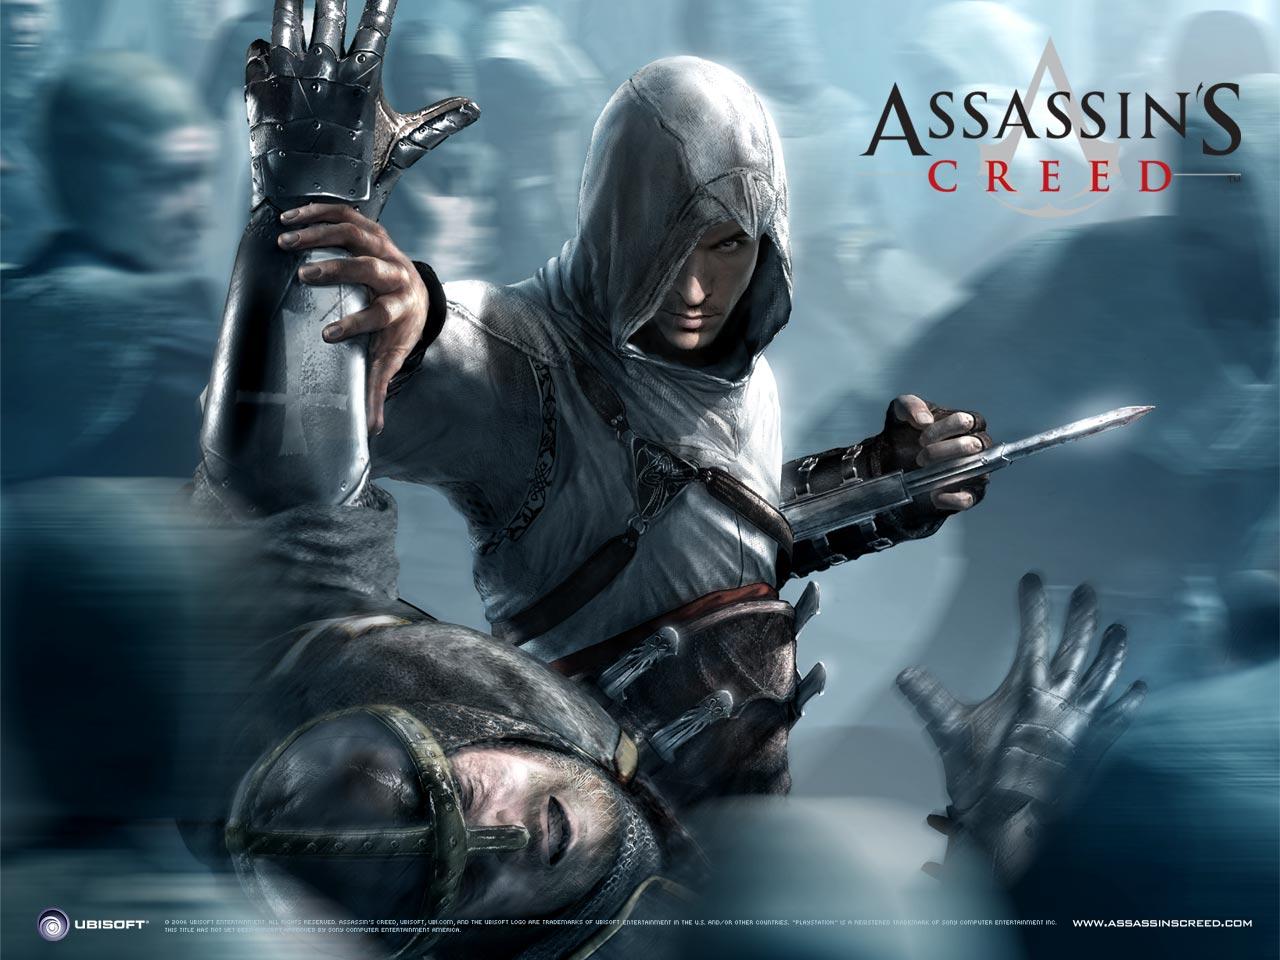 http://2.bp.blogspot.com/_R5-AN0rX9tE/TJ9ZcALOPSI/AAAAAAAAAFQ/FZ-77Sei3hU/s1600/assassins-creed-wallpaper-5.jpg